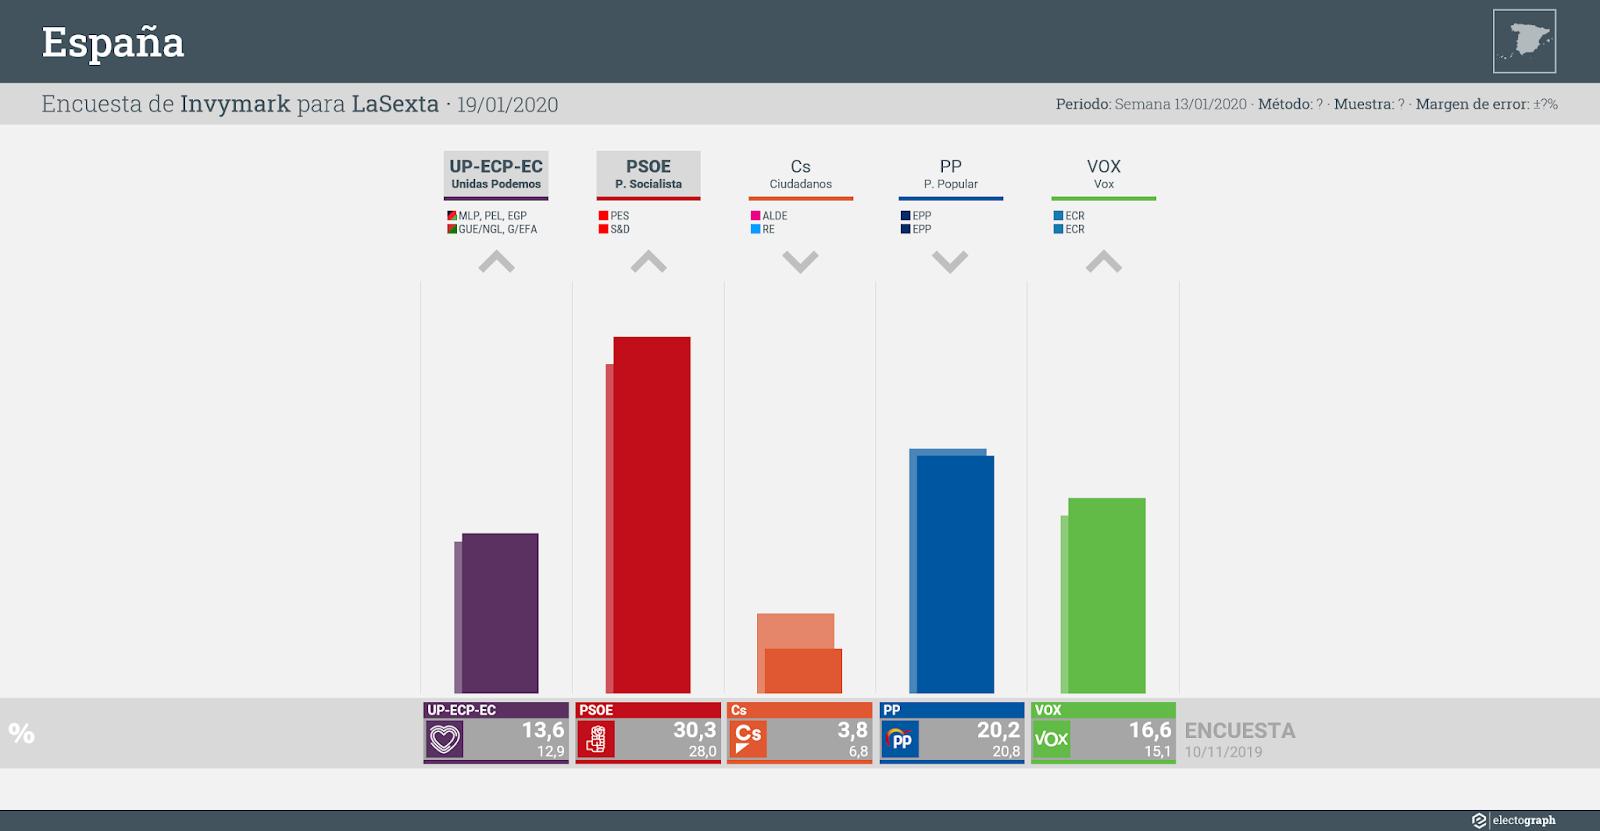 Gráfico de la encuesta para elecciones generales en España realizada por Invymark para LaSexta, 19 de enero de 2020